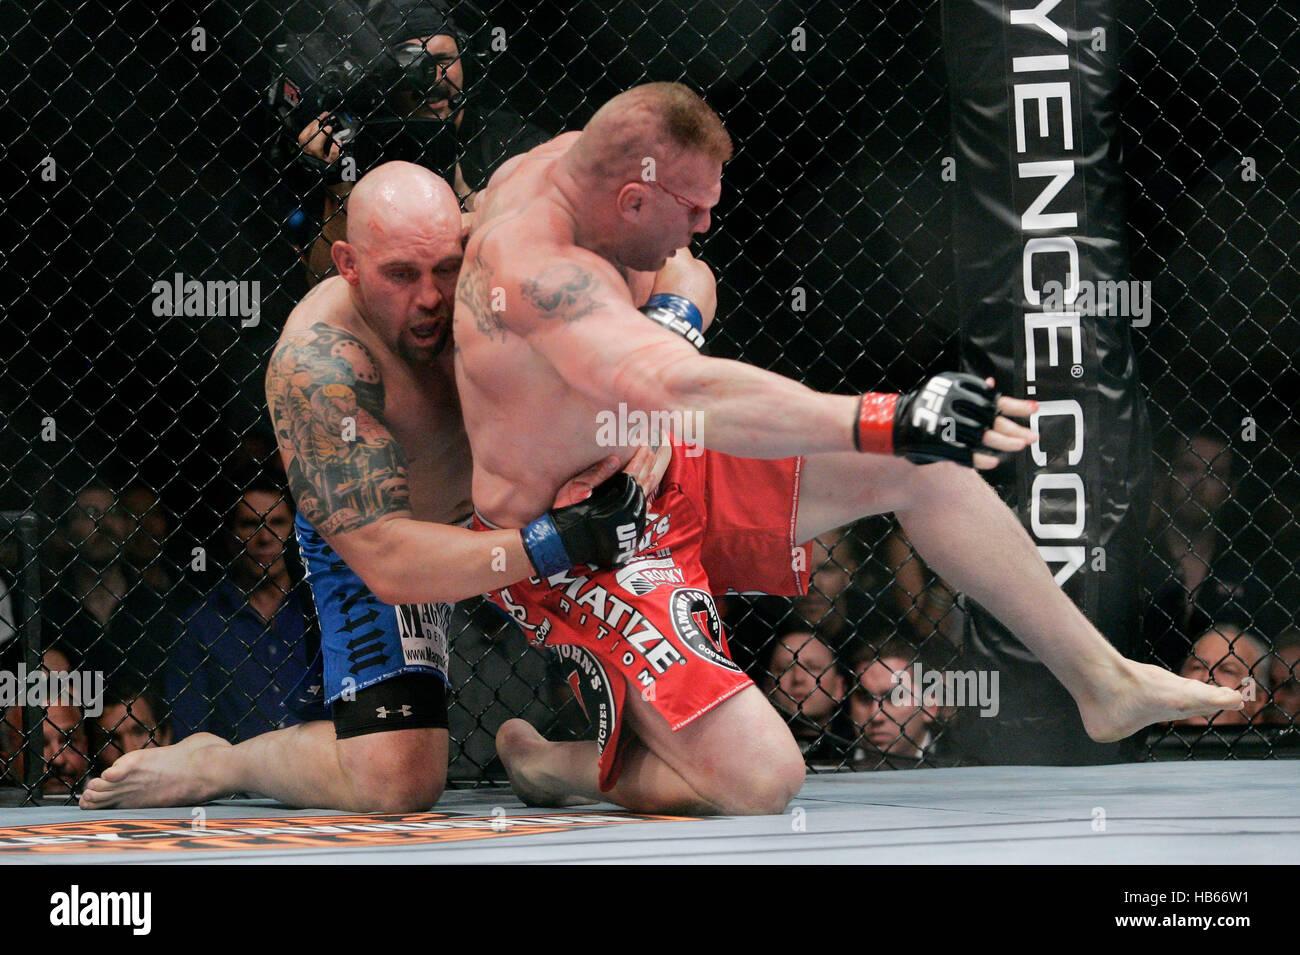 UFC fighter Brock Lesnar, righ...